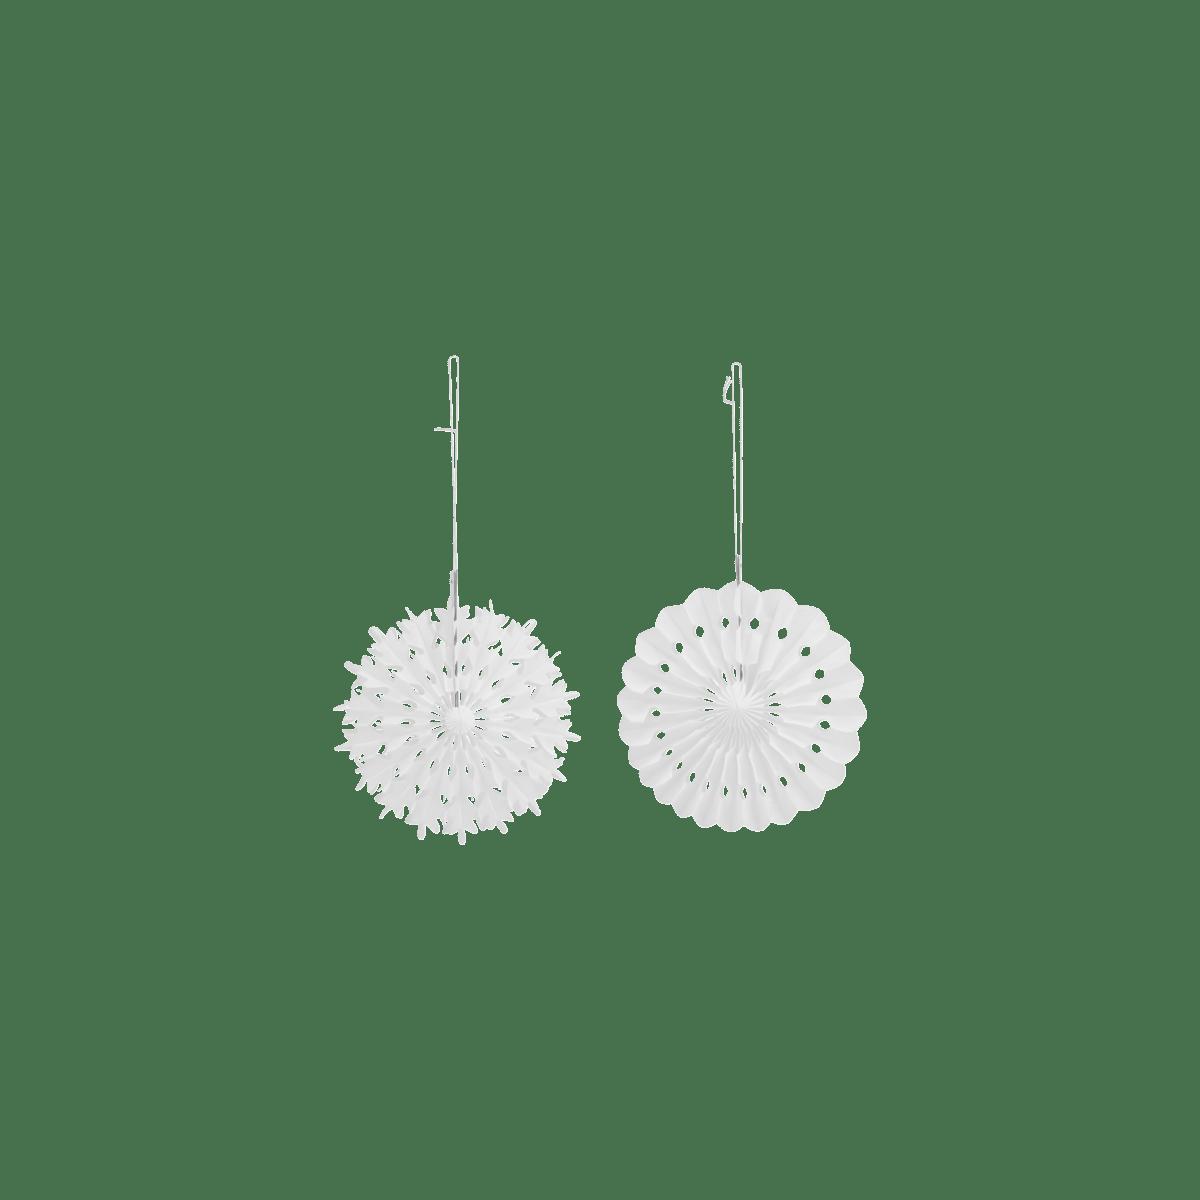 Bílé dekorační vločky malé